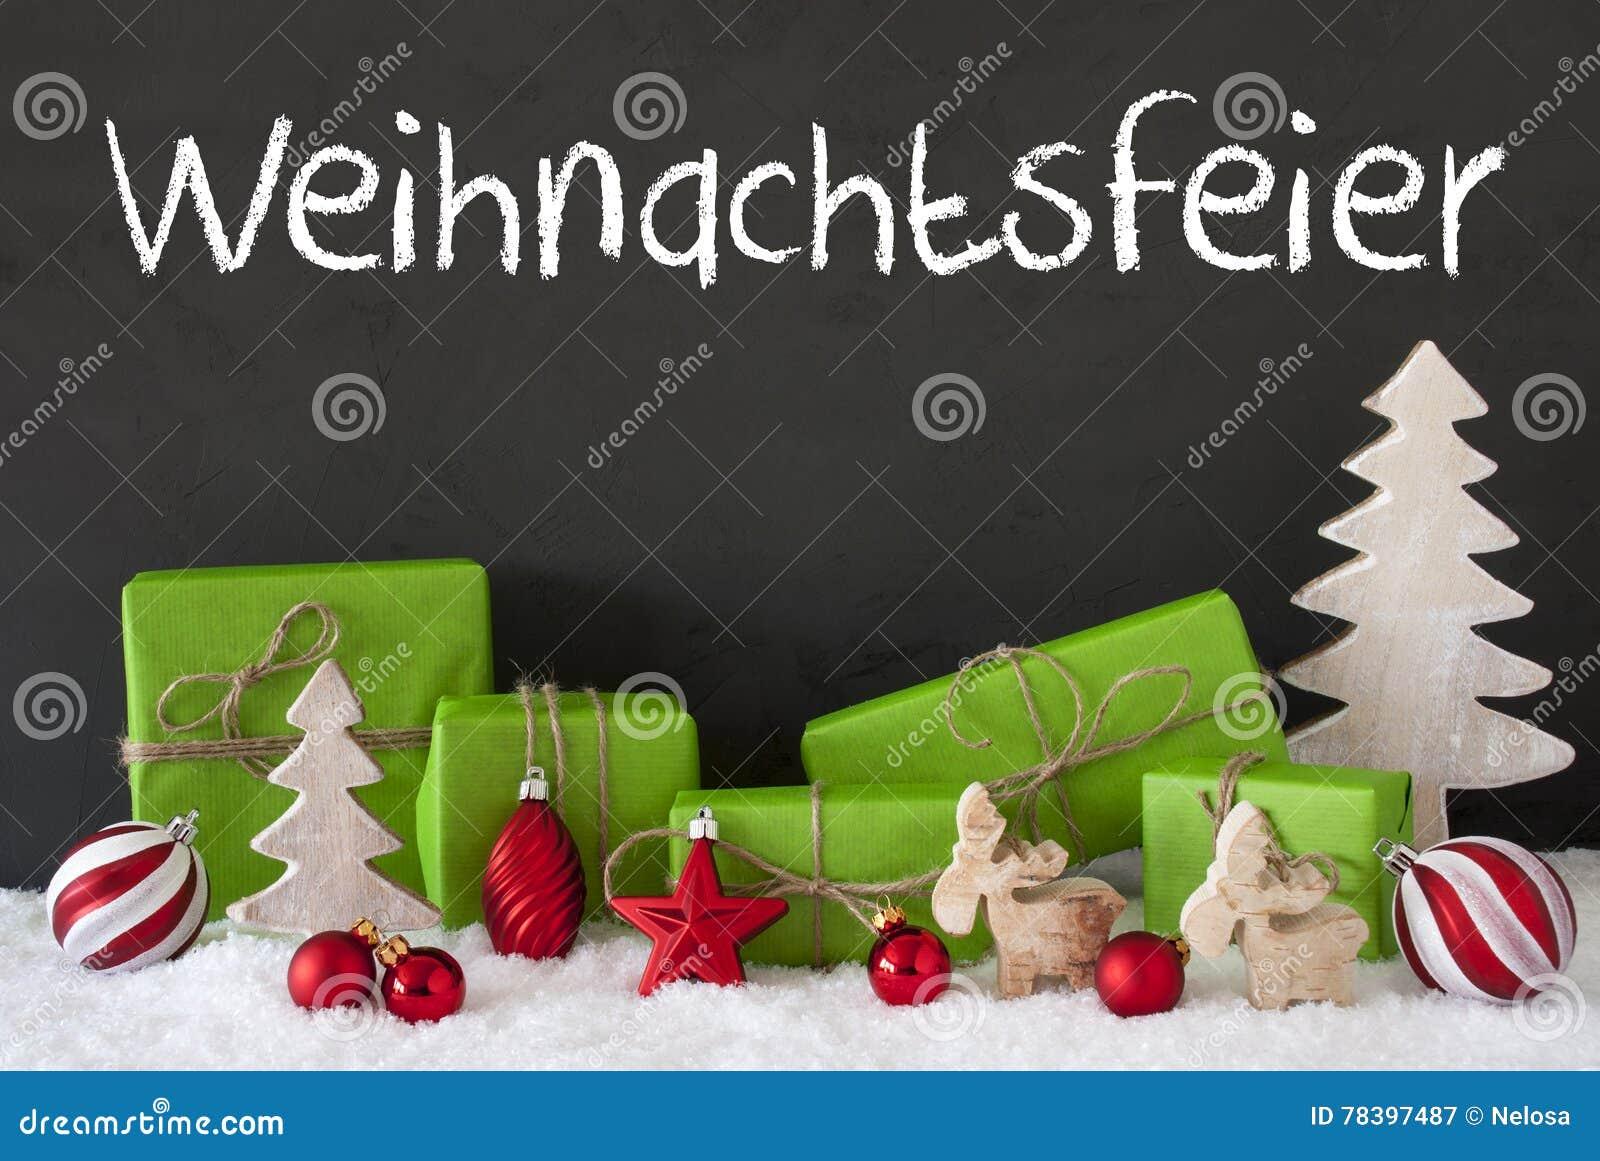 Dekoration, Zement, Schnee, Weihnachtsfeier Bedeutet Weihnachtsfest ...